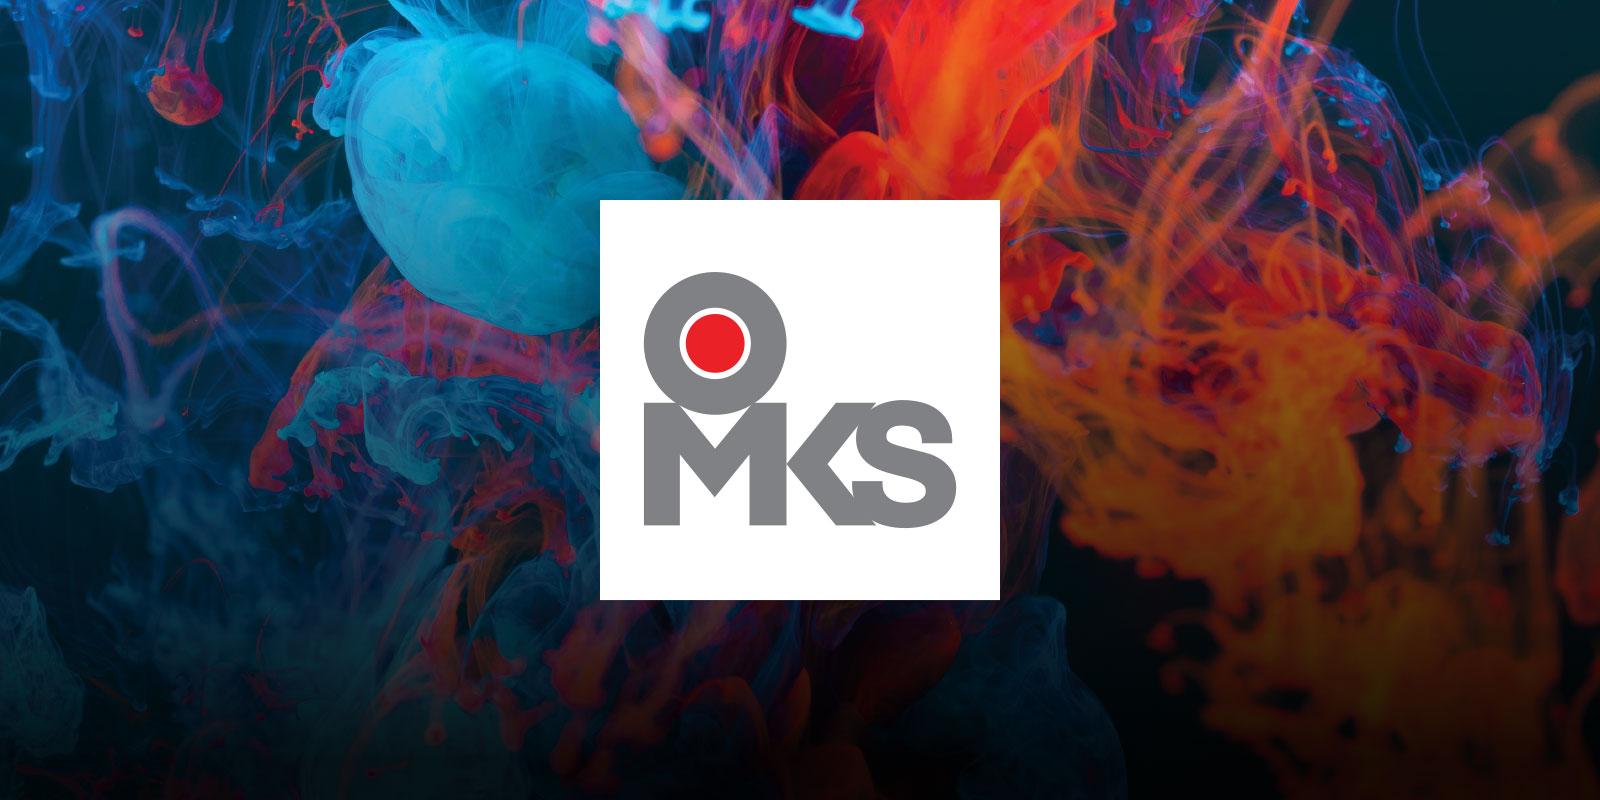 OMKS brand design colour smoke